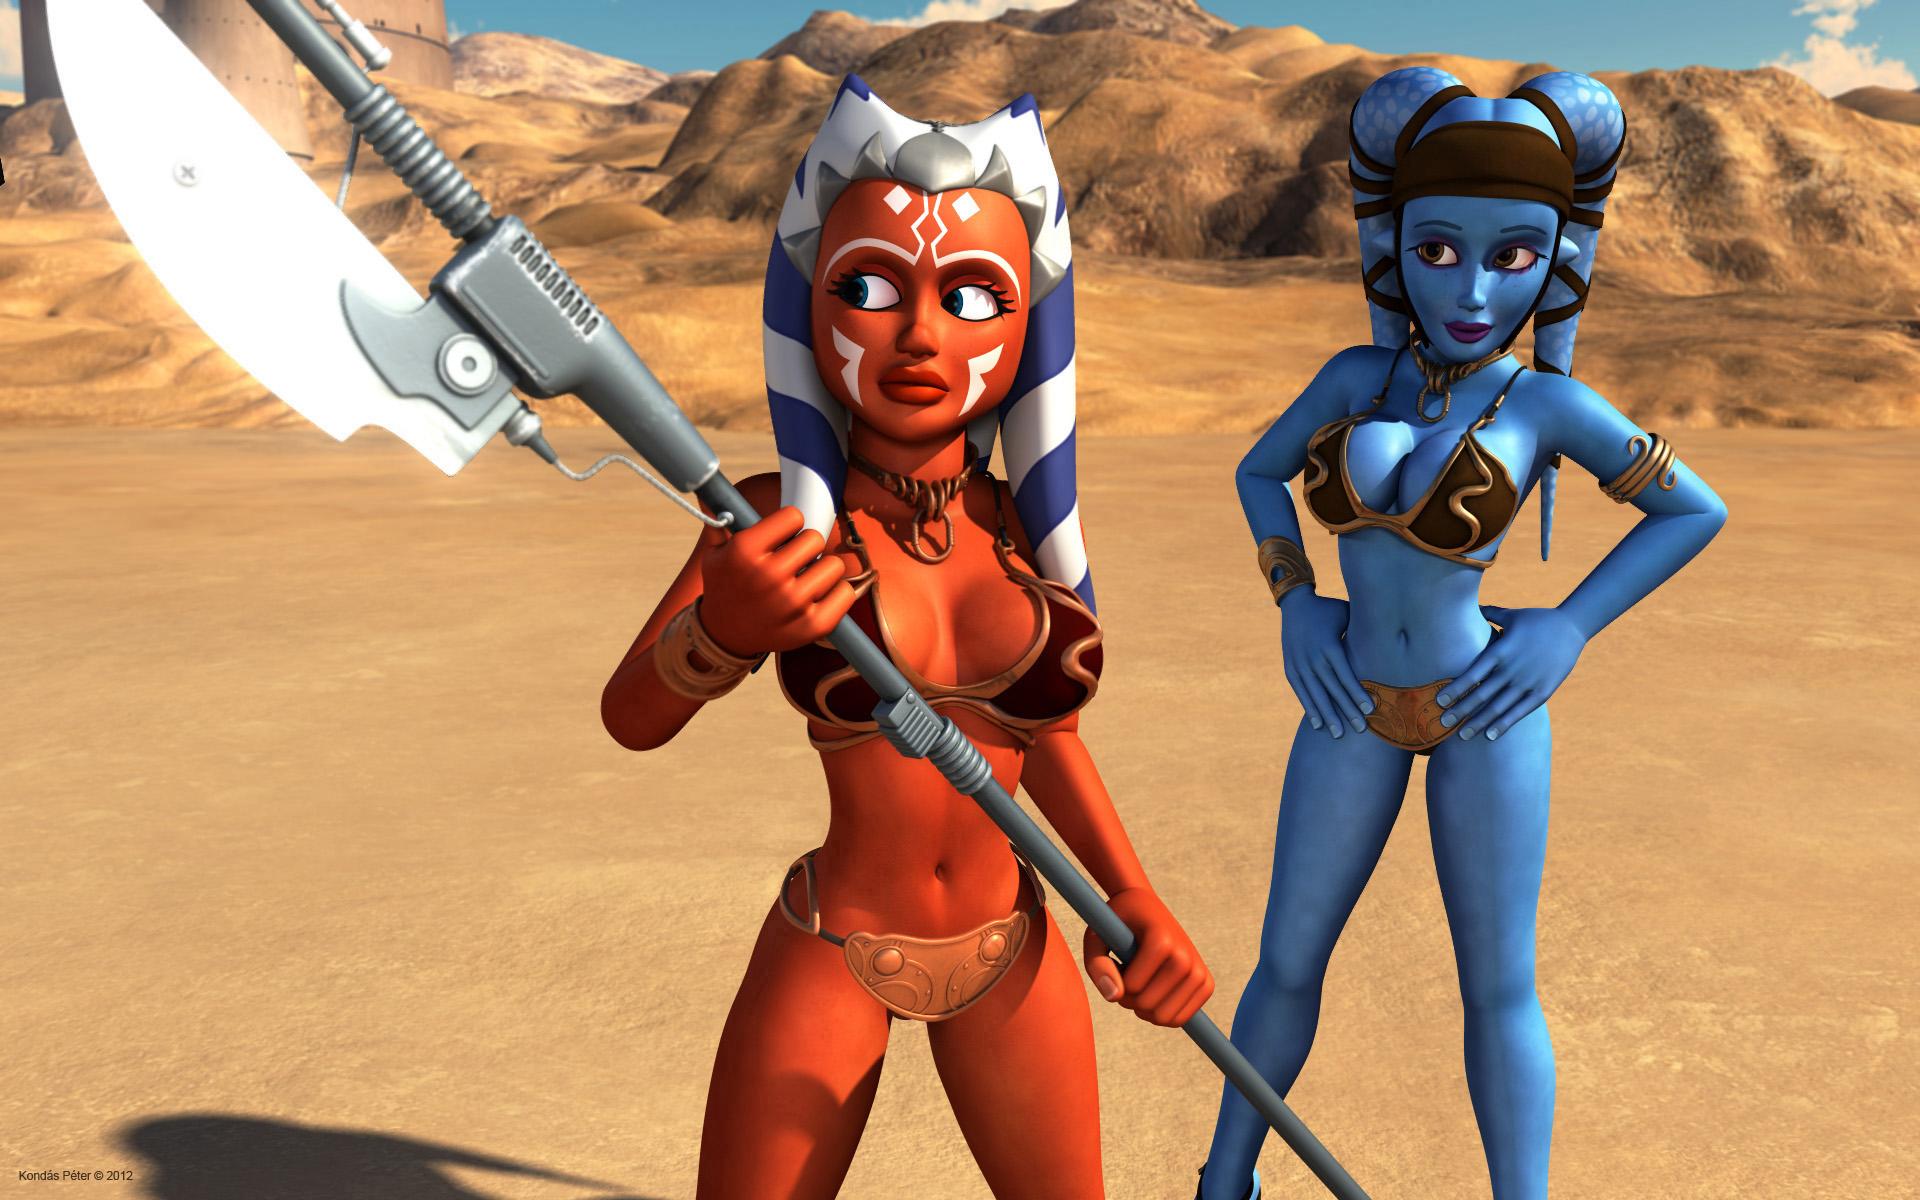 Star Wars Nude Cosplay